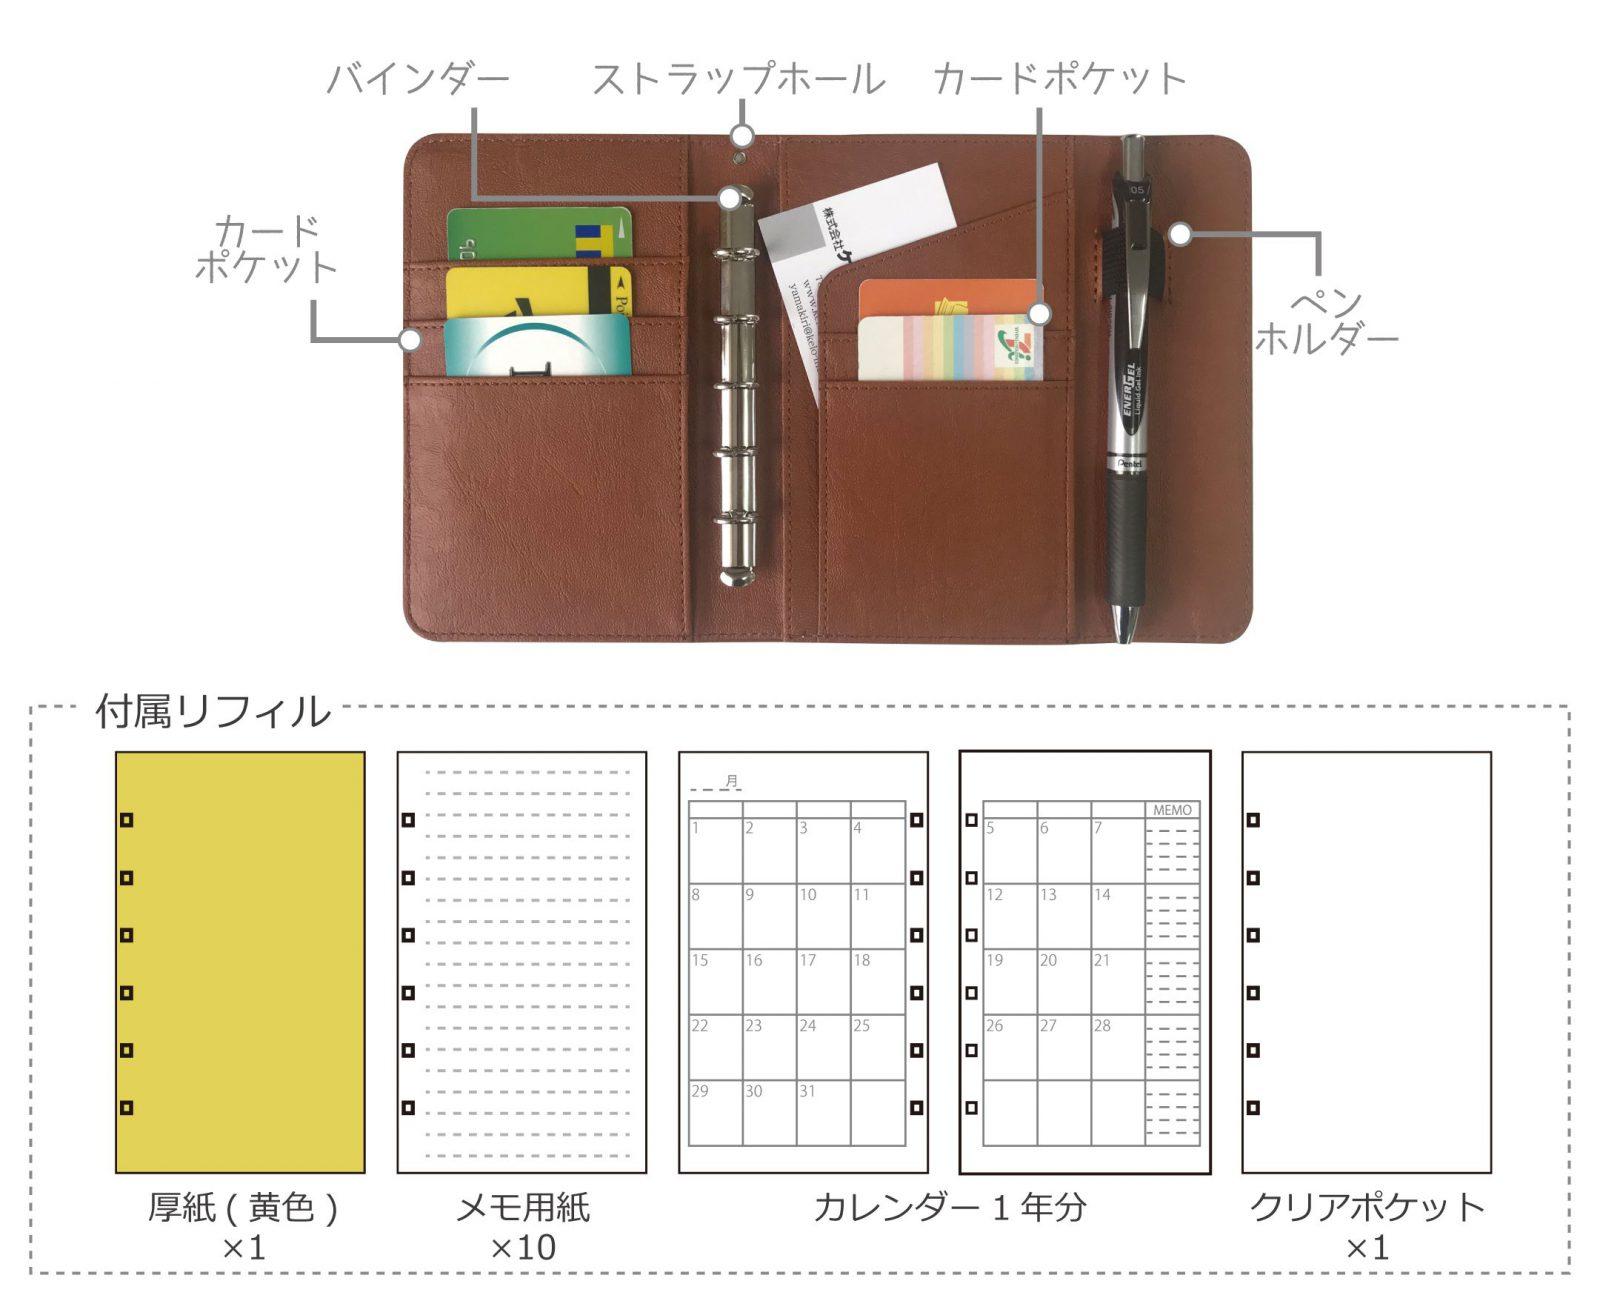 8ポケットのほか、ストラップホール、ペンホルダーが付いているシステム手帳です。